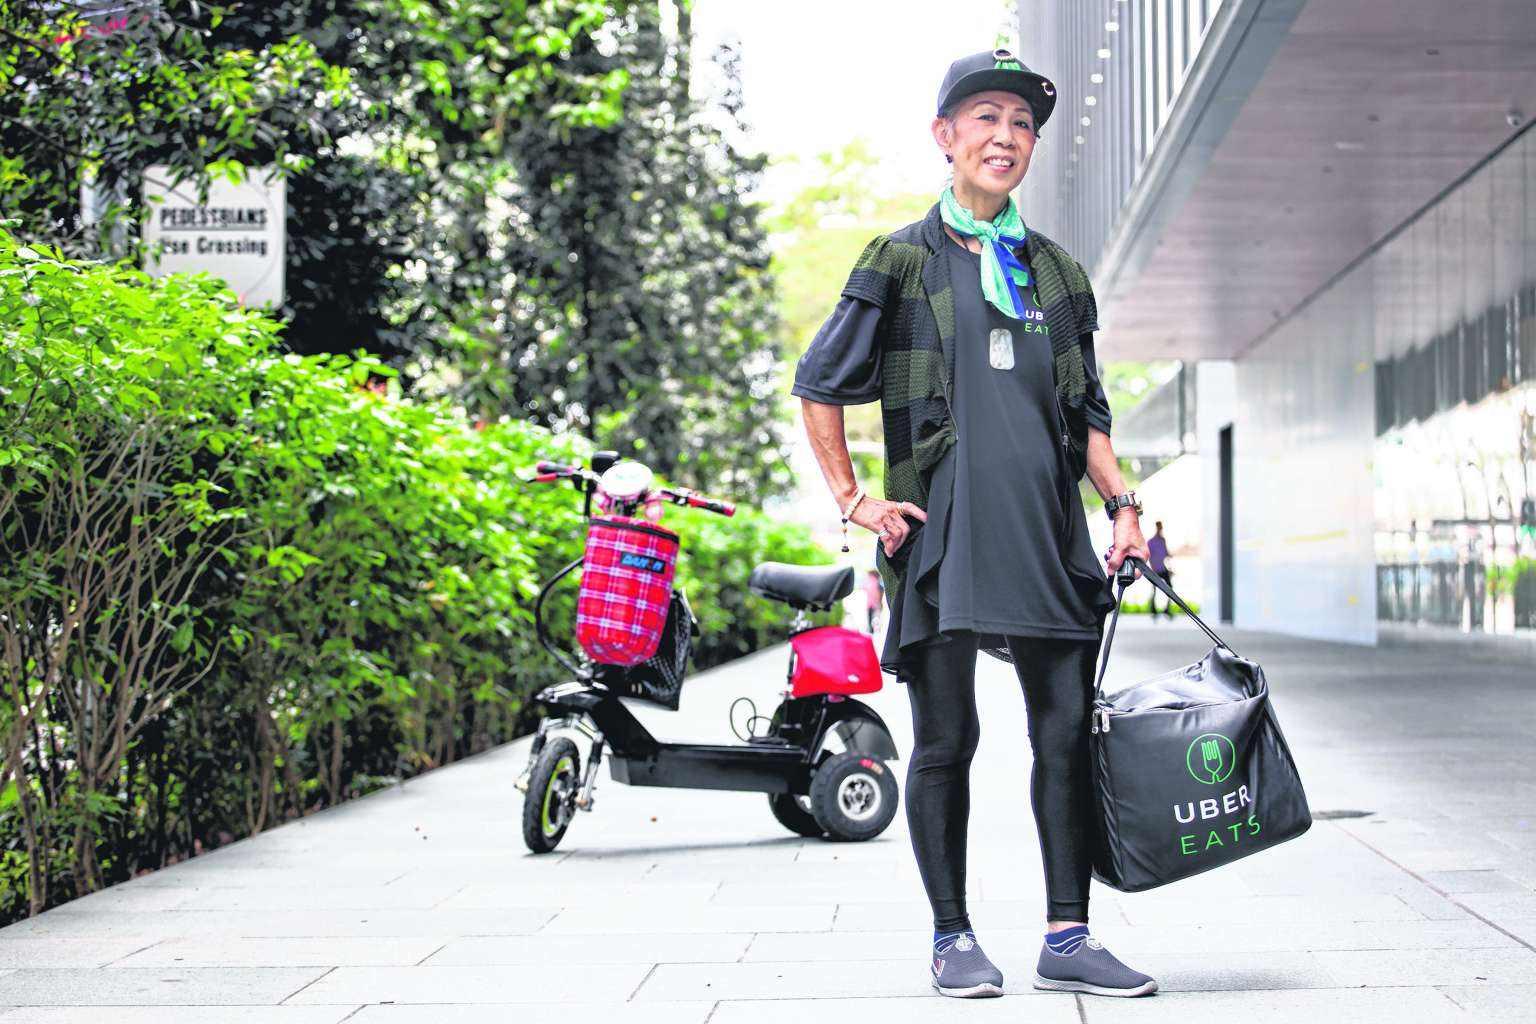 日本老人送外卖 你会再就业或退休享受生活?